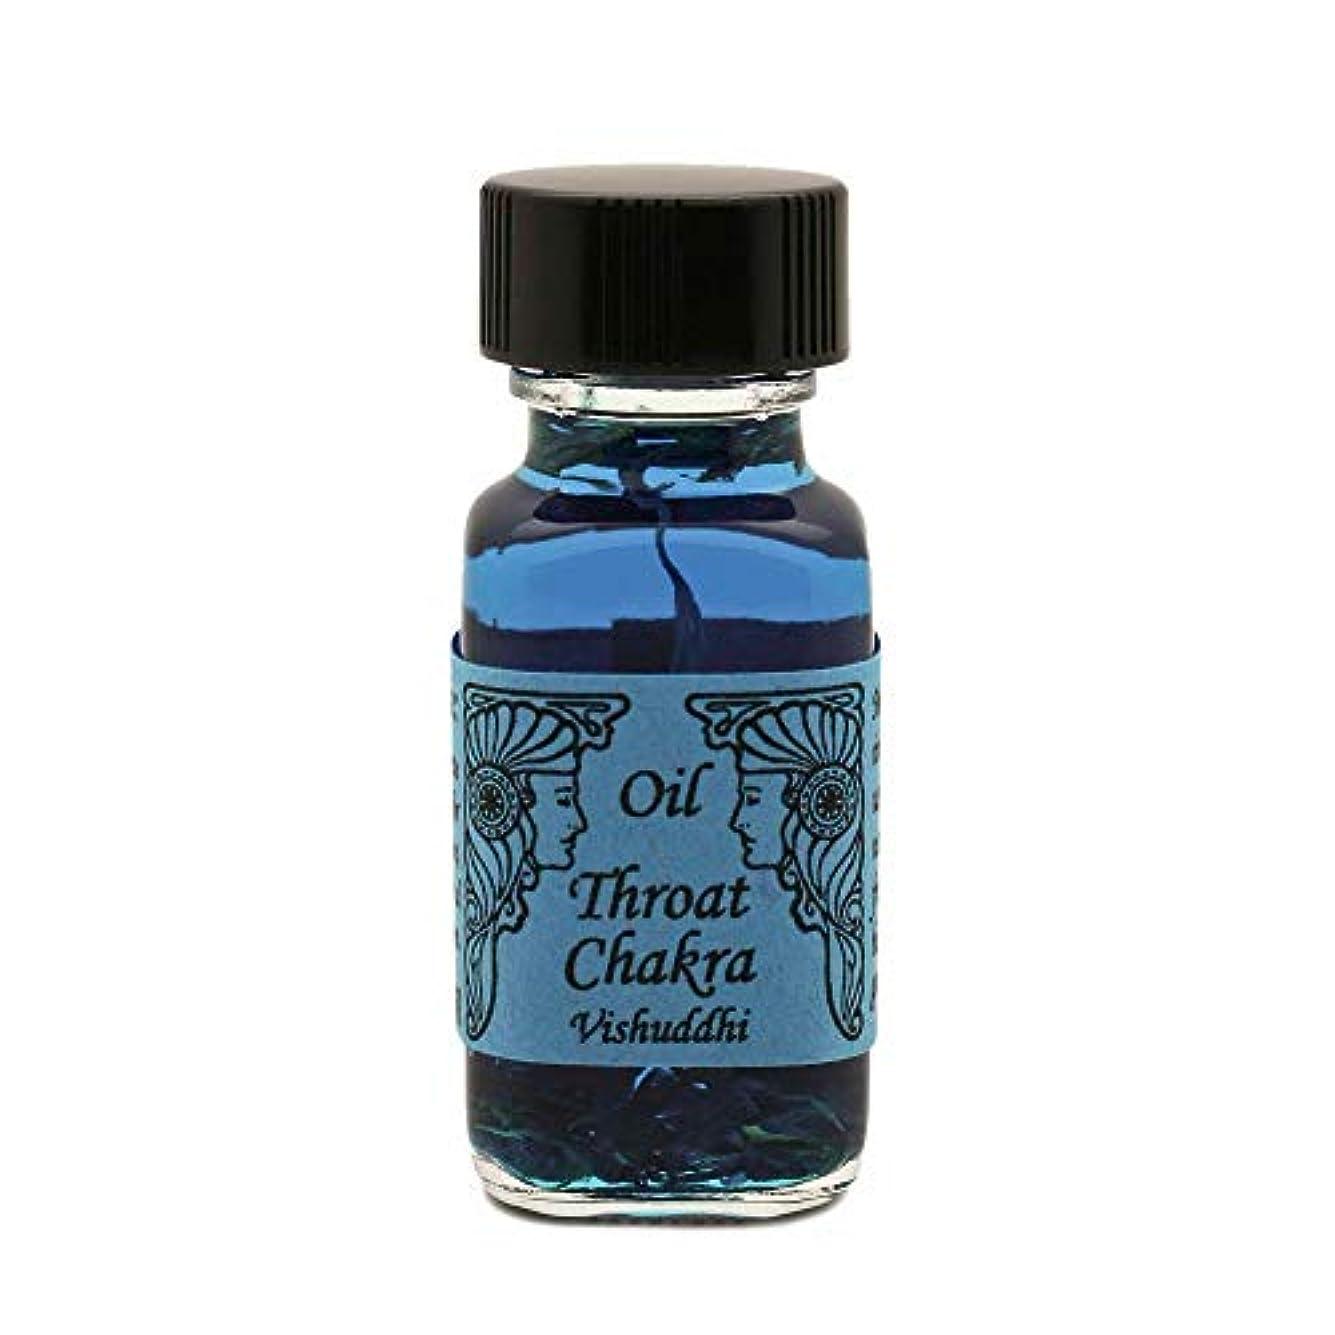 ロック解除蒸留する刈るSEDONA Ancient Memory Oils セドナ アンシェントメモリーオイル Throat Chakra スロート チャクラ 15ml